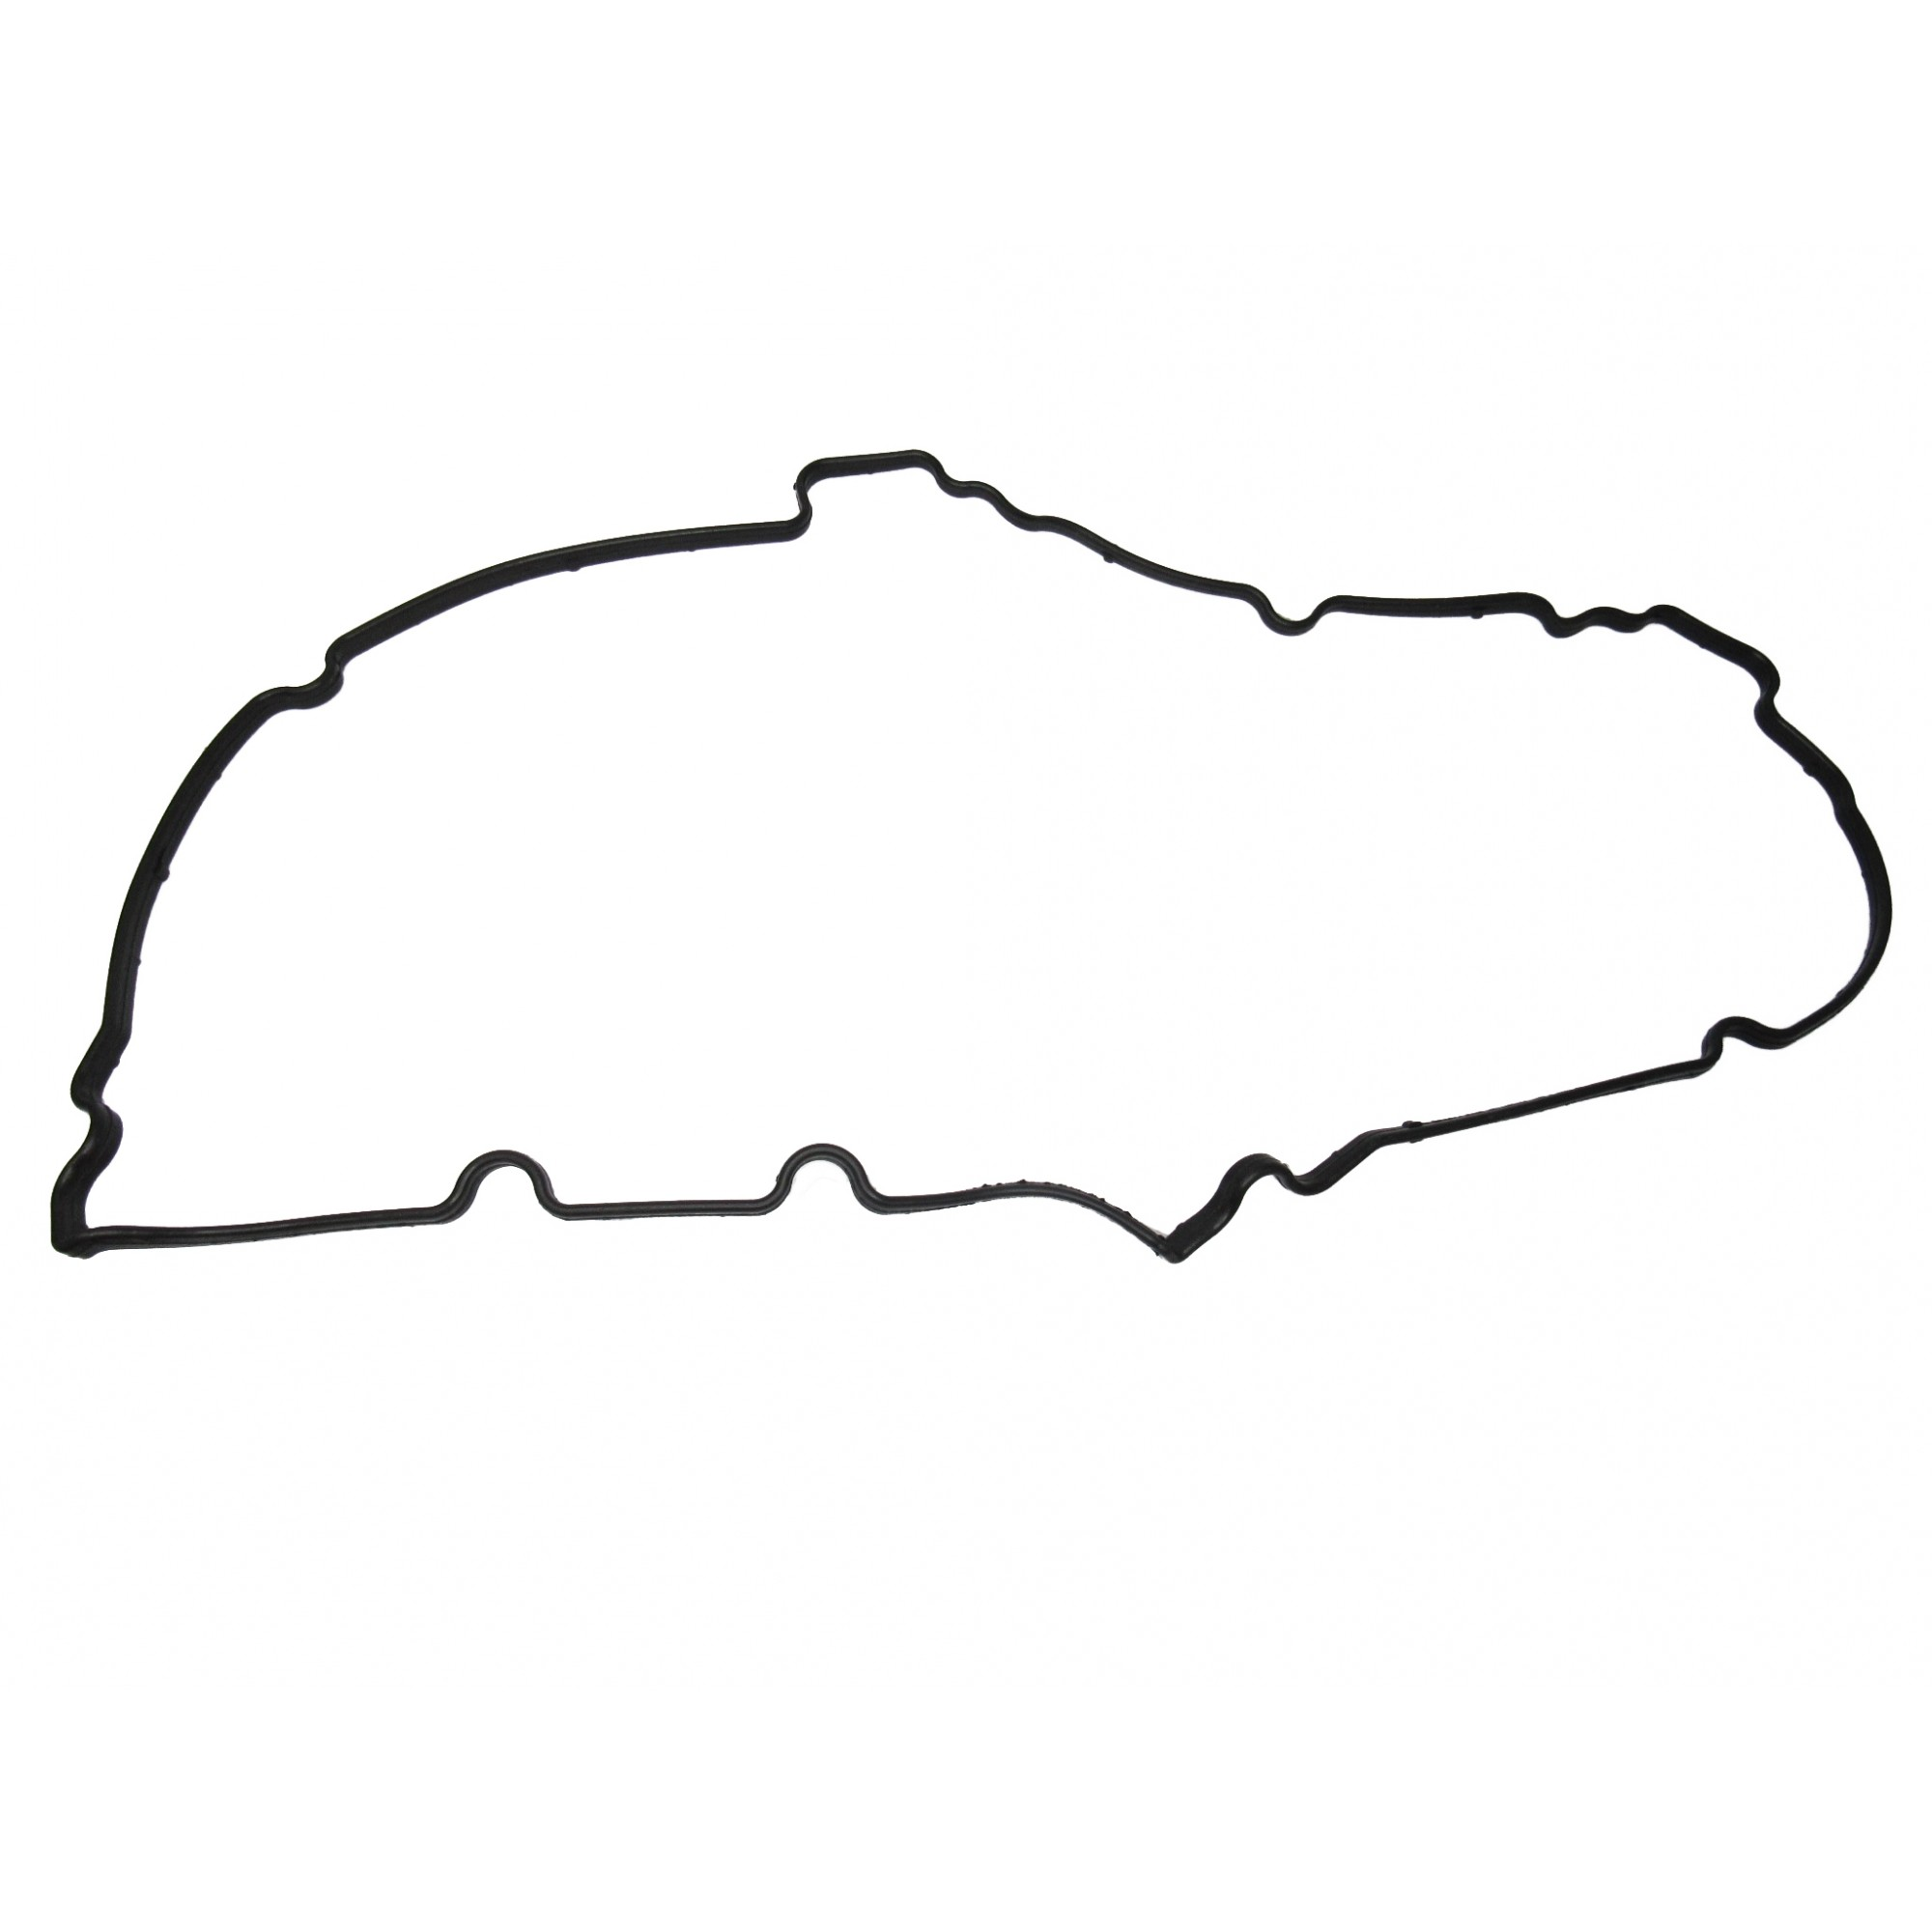 JUNTA DA TAMPA DE VALVULA 1.0 8V D7D 01... BORRACHA RENAULT CLIO/KANGOO/TWINGO